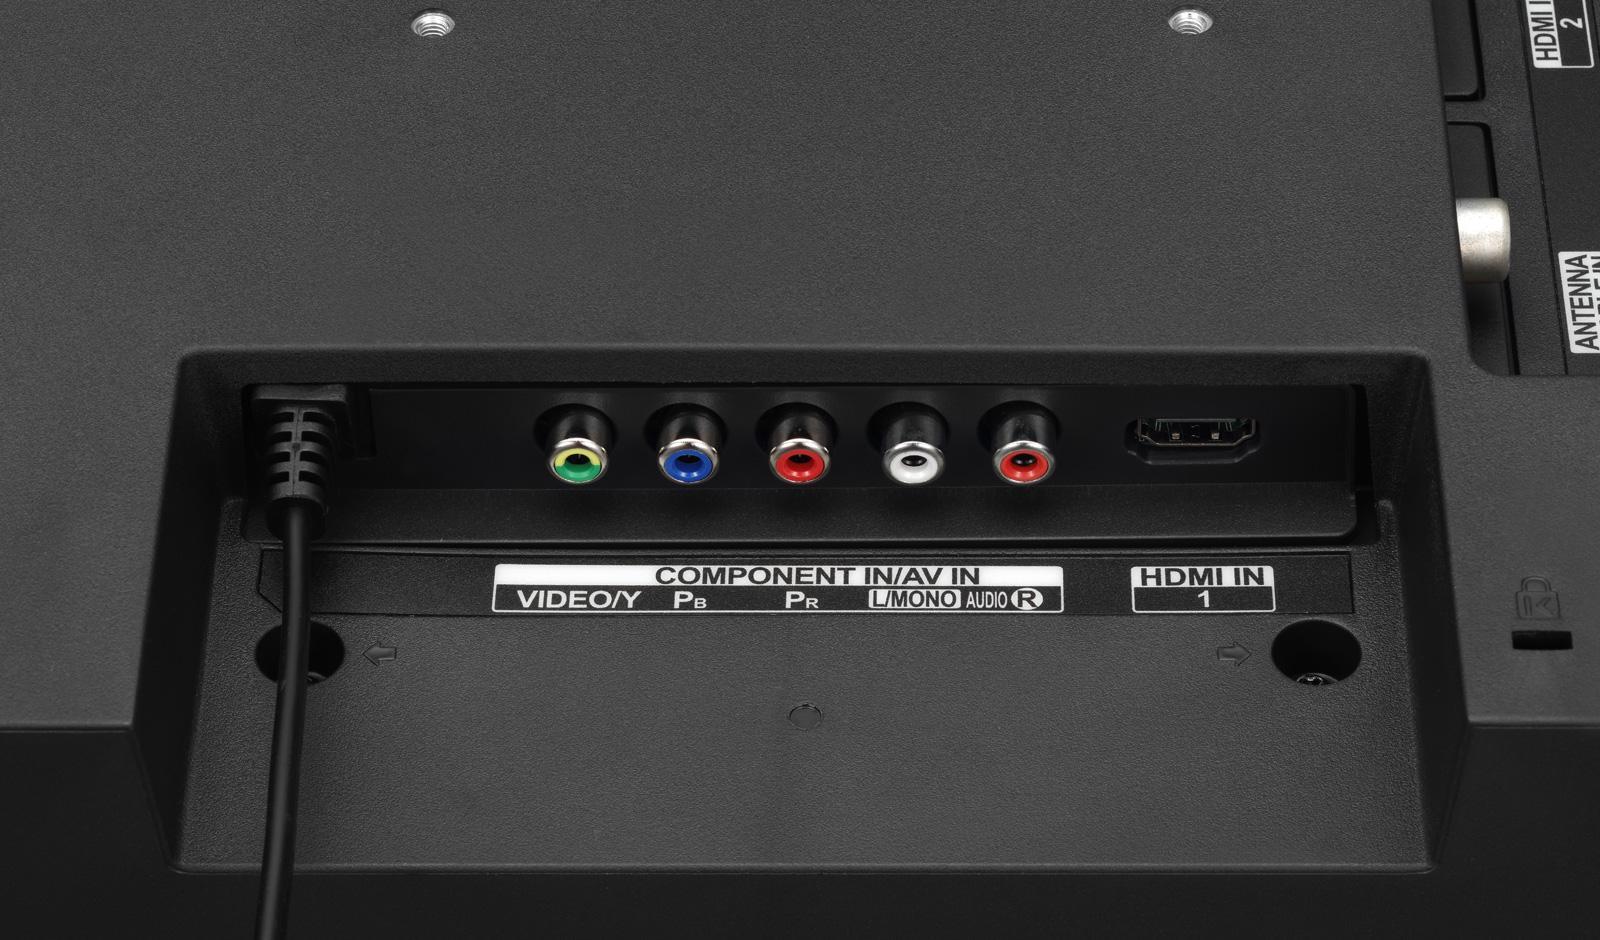 LG 28LJ400B PU 28 Inch HD 720p LED TV